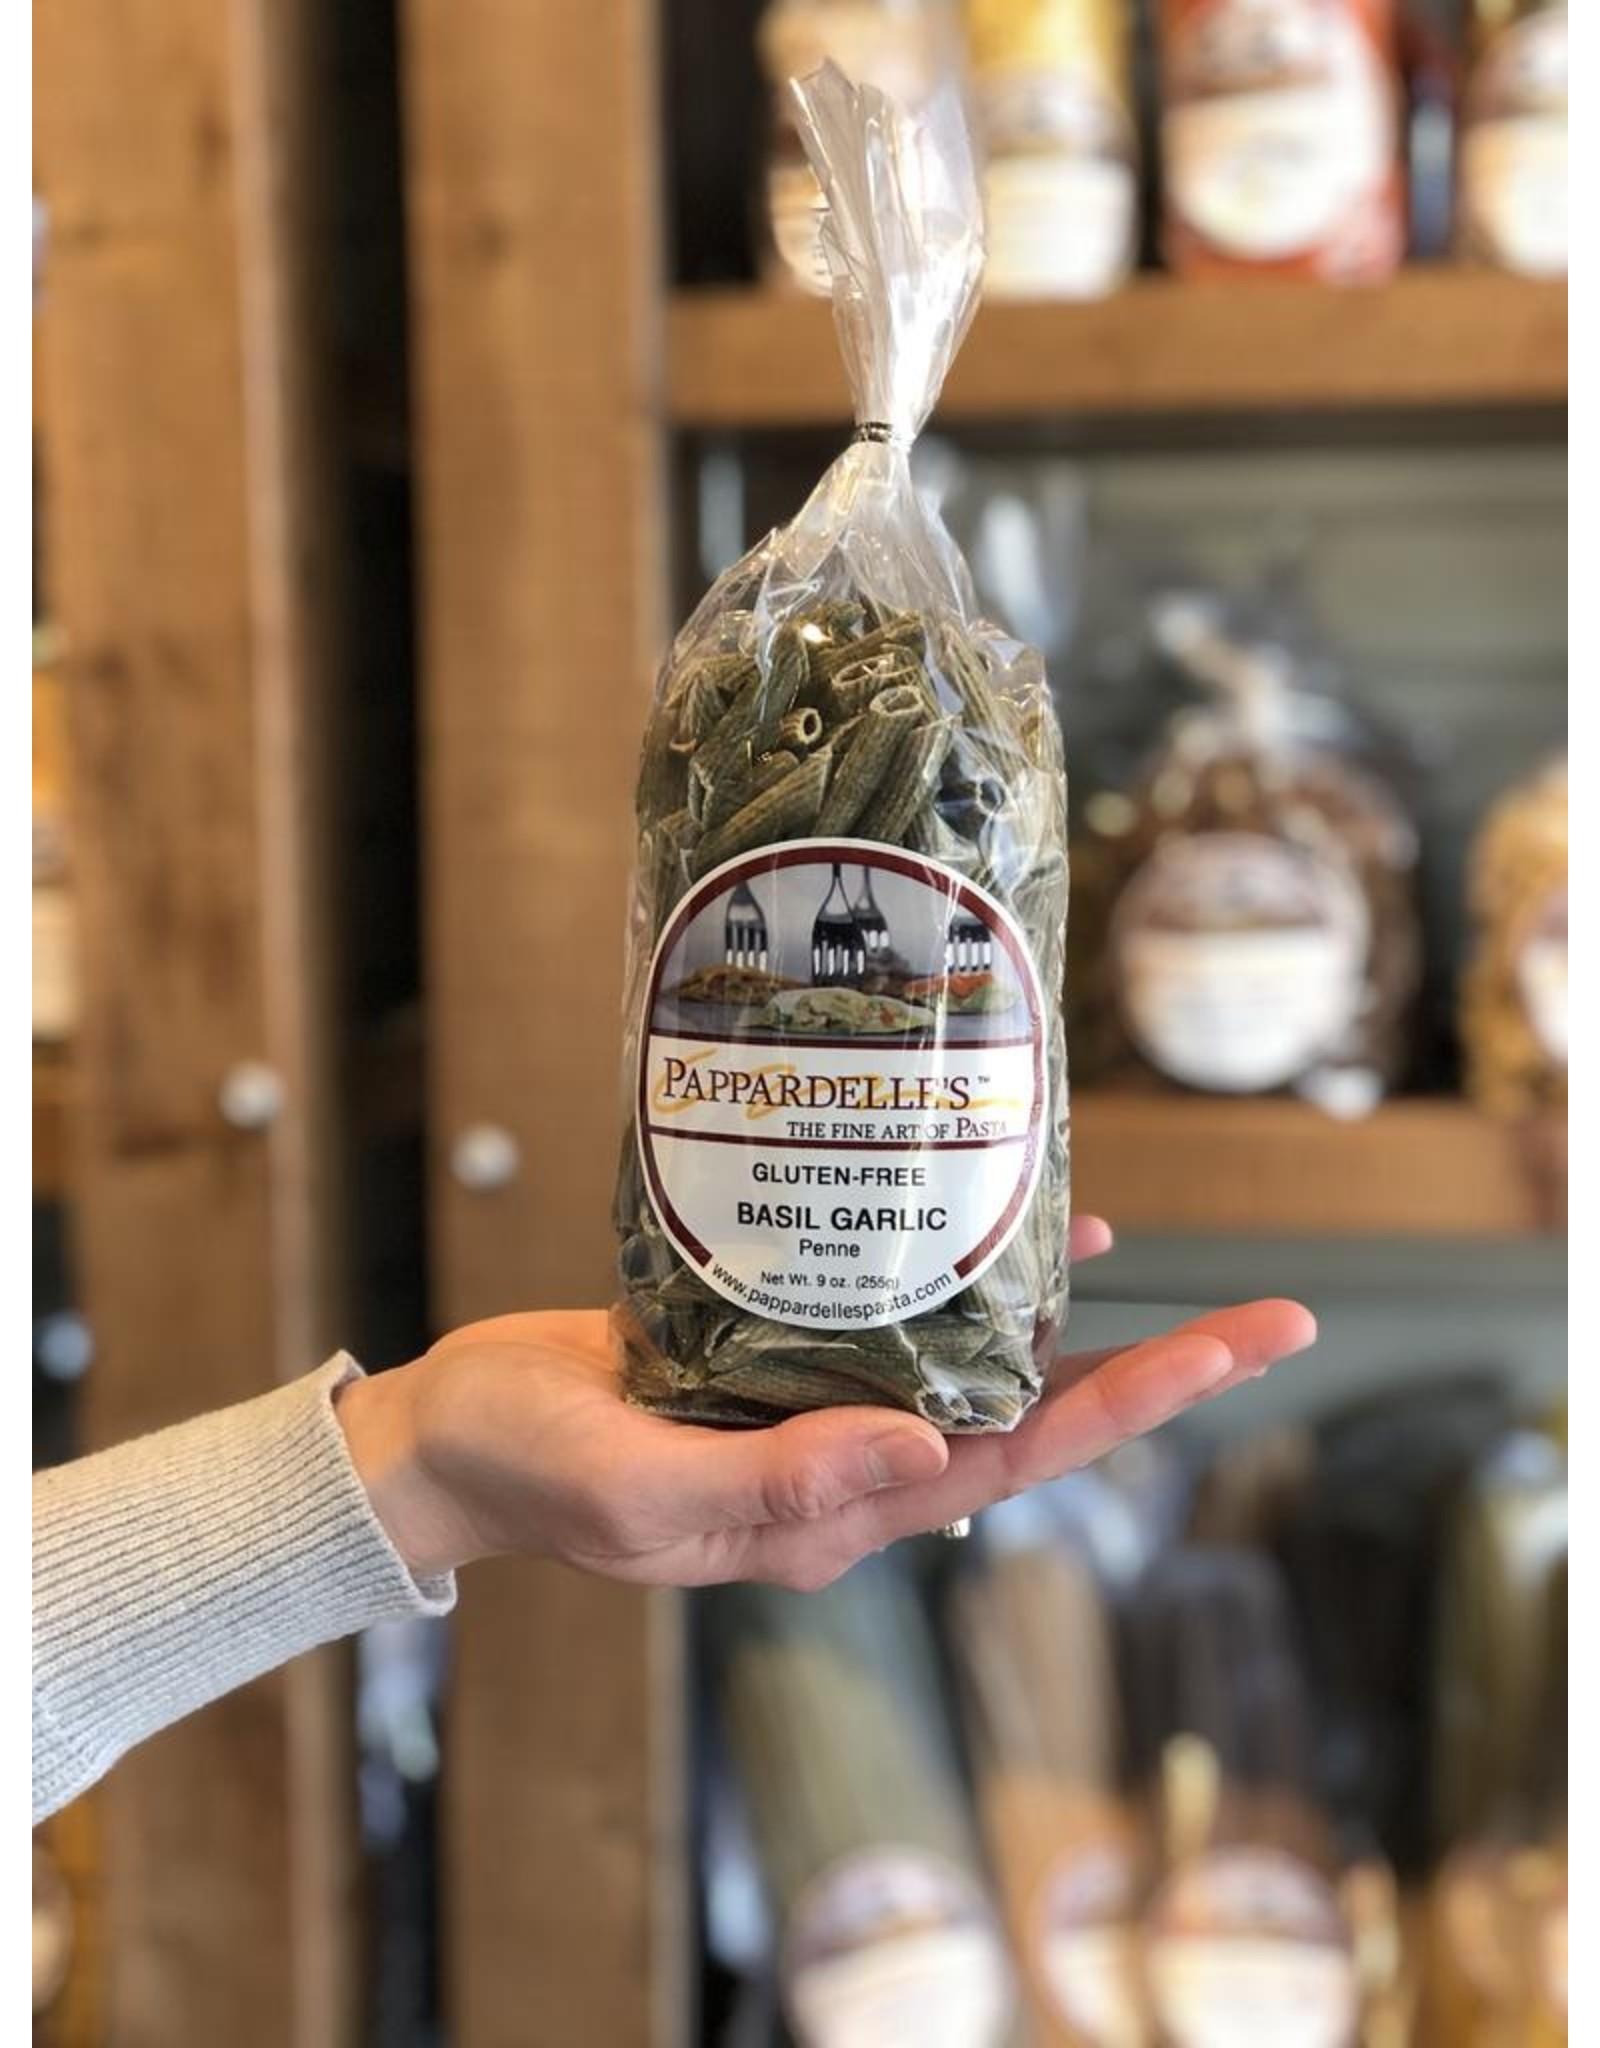 Gluten-Free Basil Garlic Penne - 9oz.